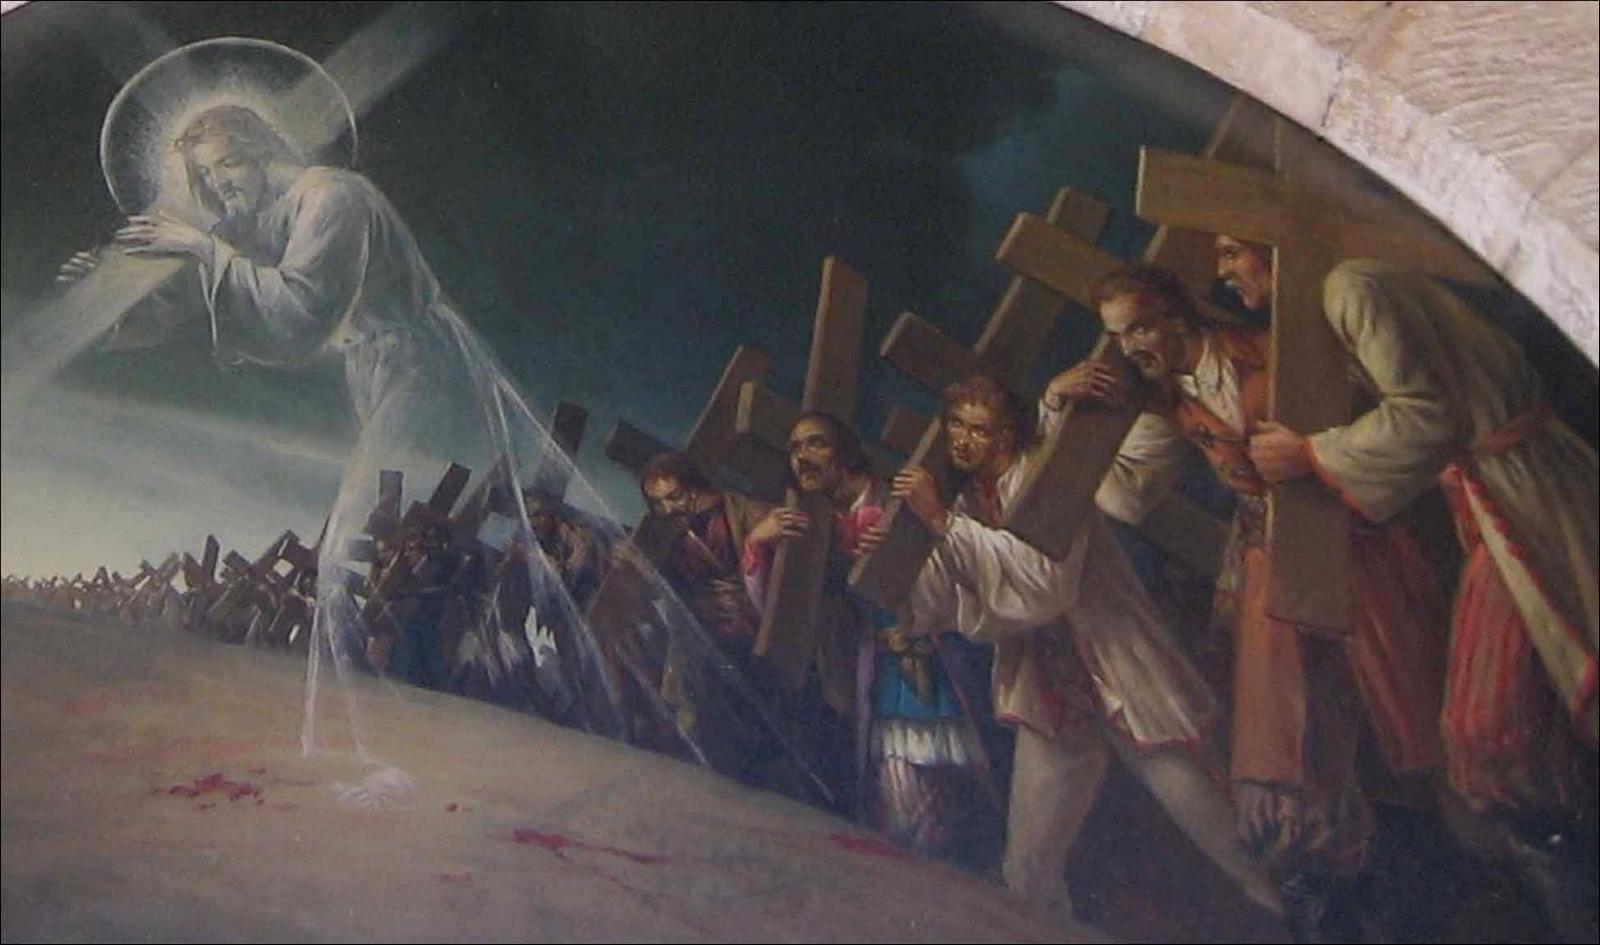 Devoción para Rezar en Viernes Santo: las Siete Palabras de Jesucristo en la Cruz